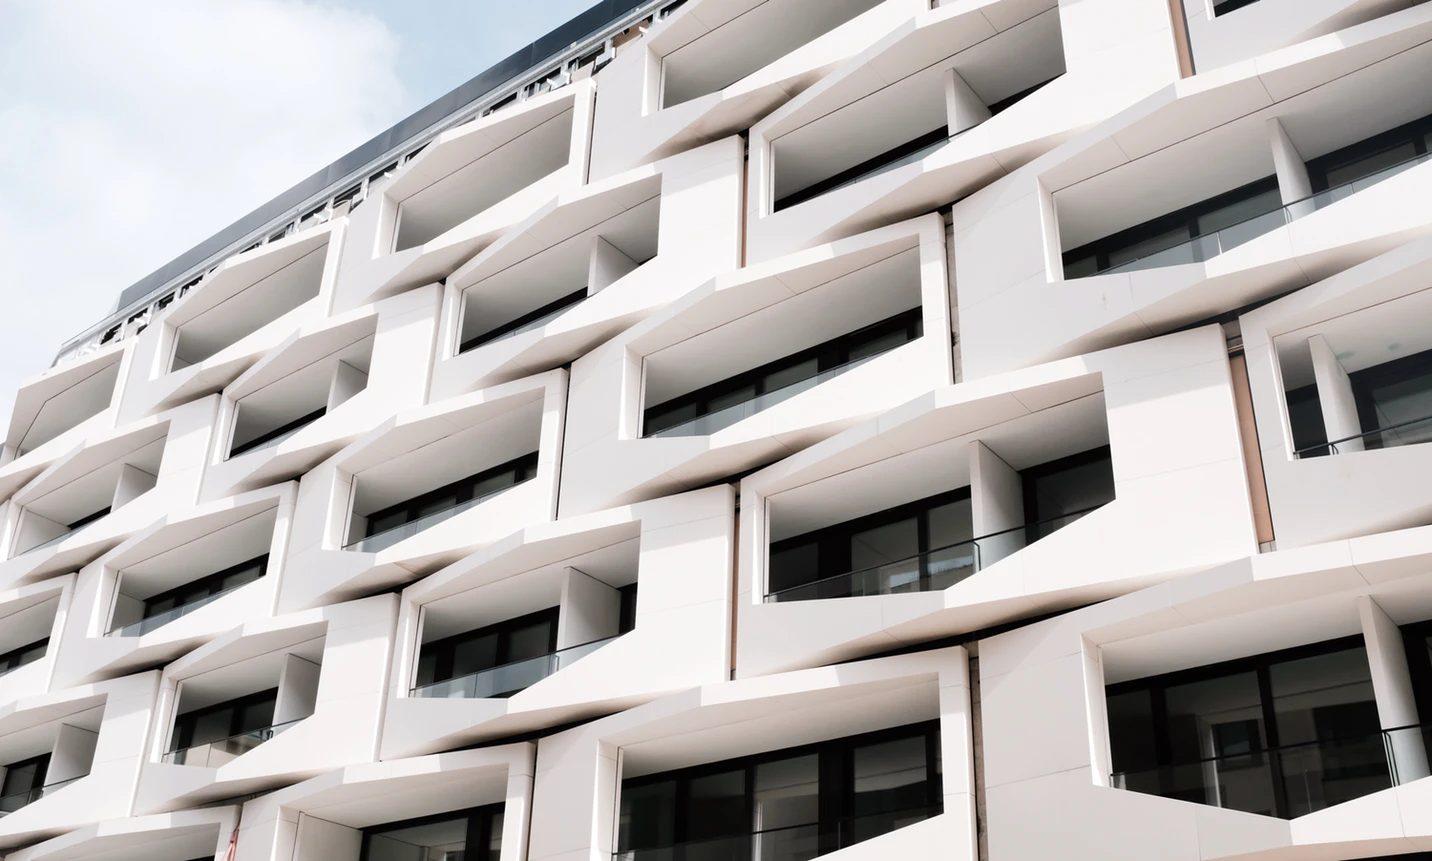 The Futuristic Home – A Peek into The Future